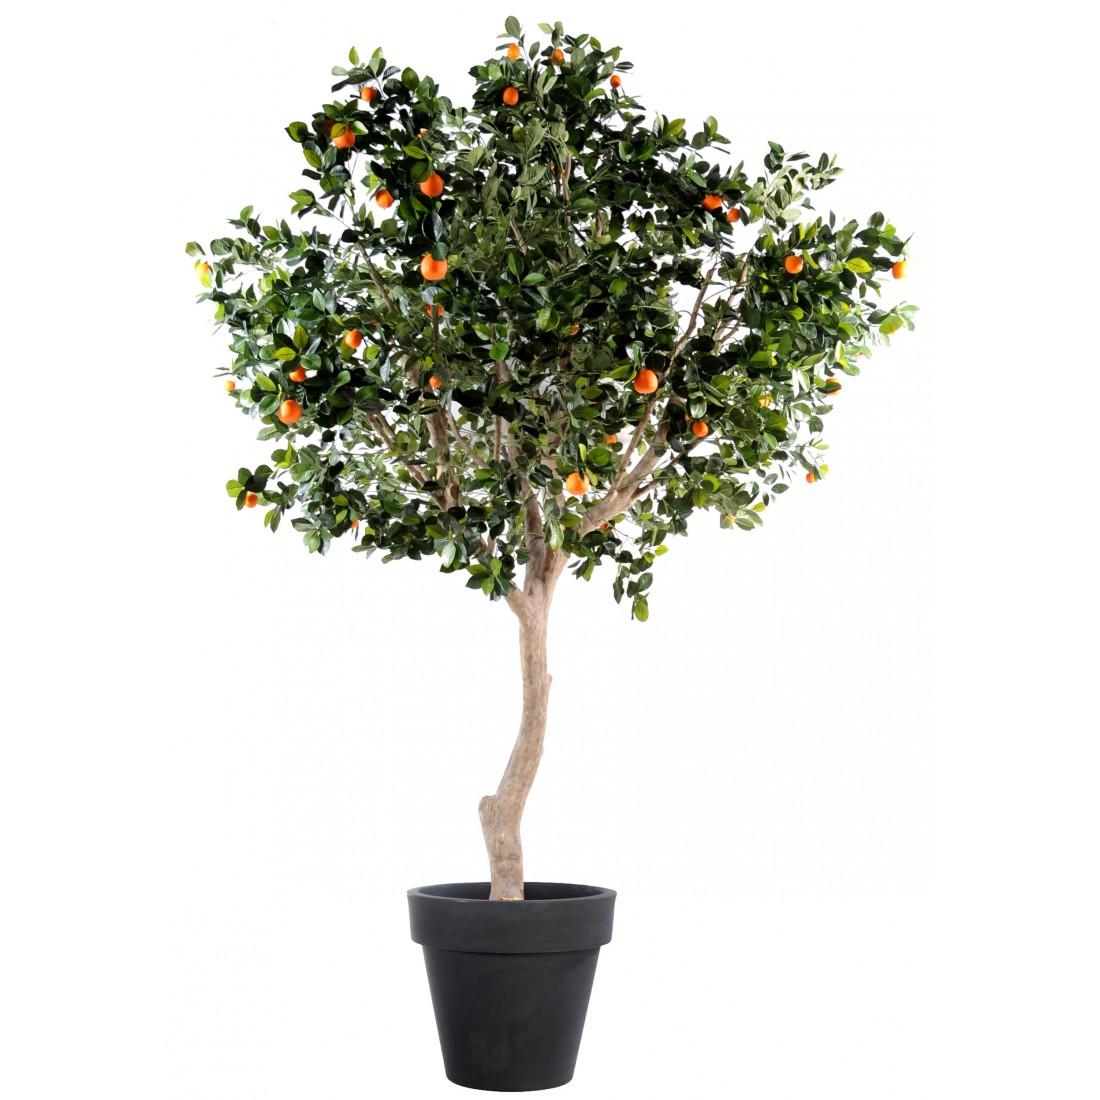 oranger artificiel arbre large 280 cm fruitiers artificiels m 233 diterran 233 ens reflets nature lyon